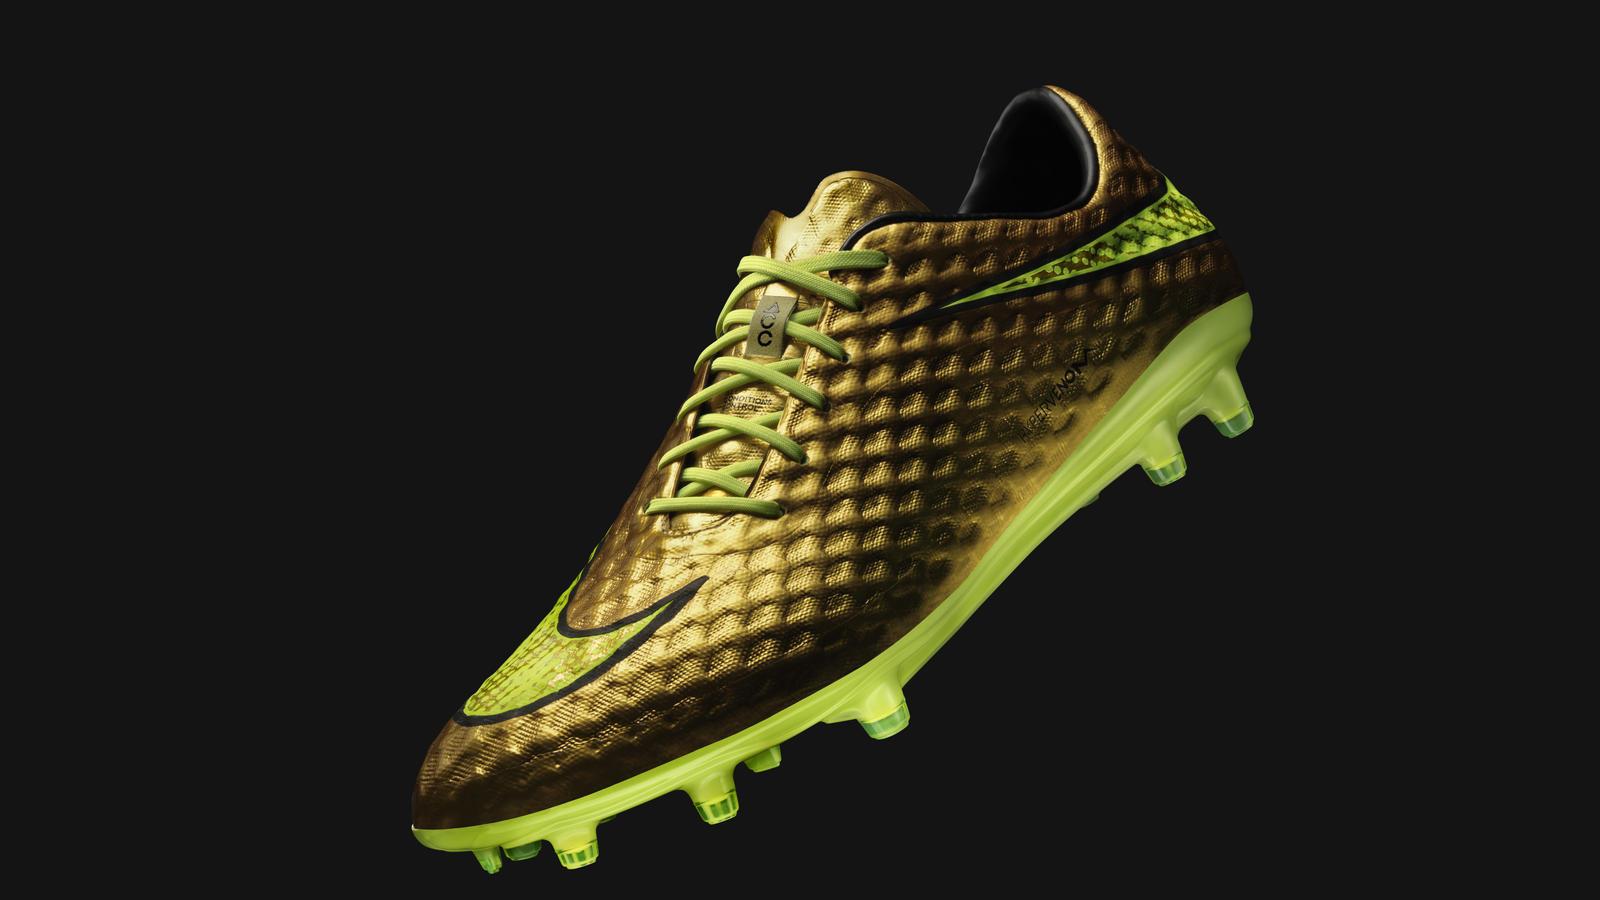 Hypervenom 'Gold' by Nike Football